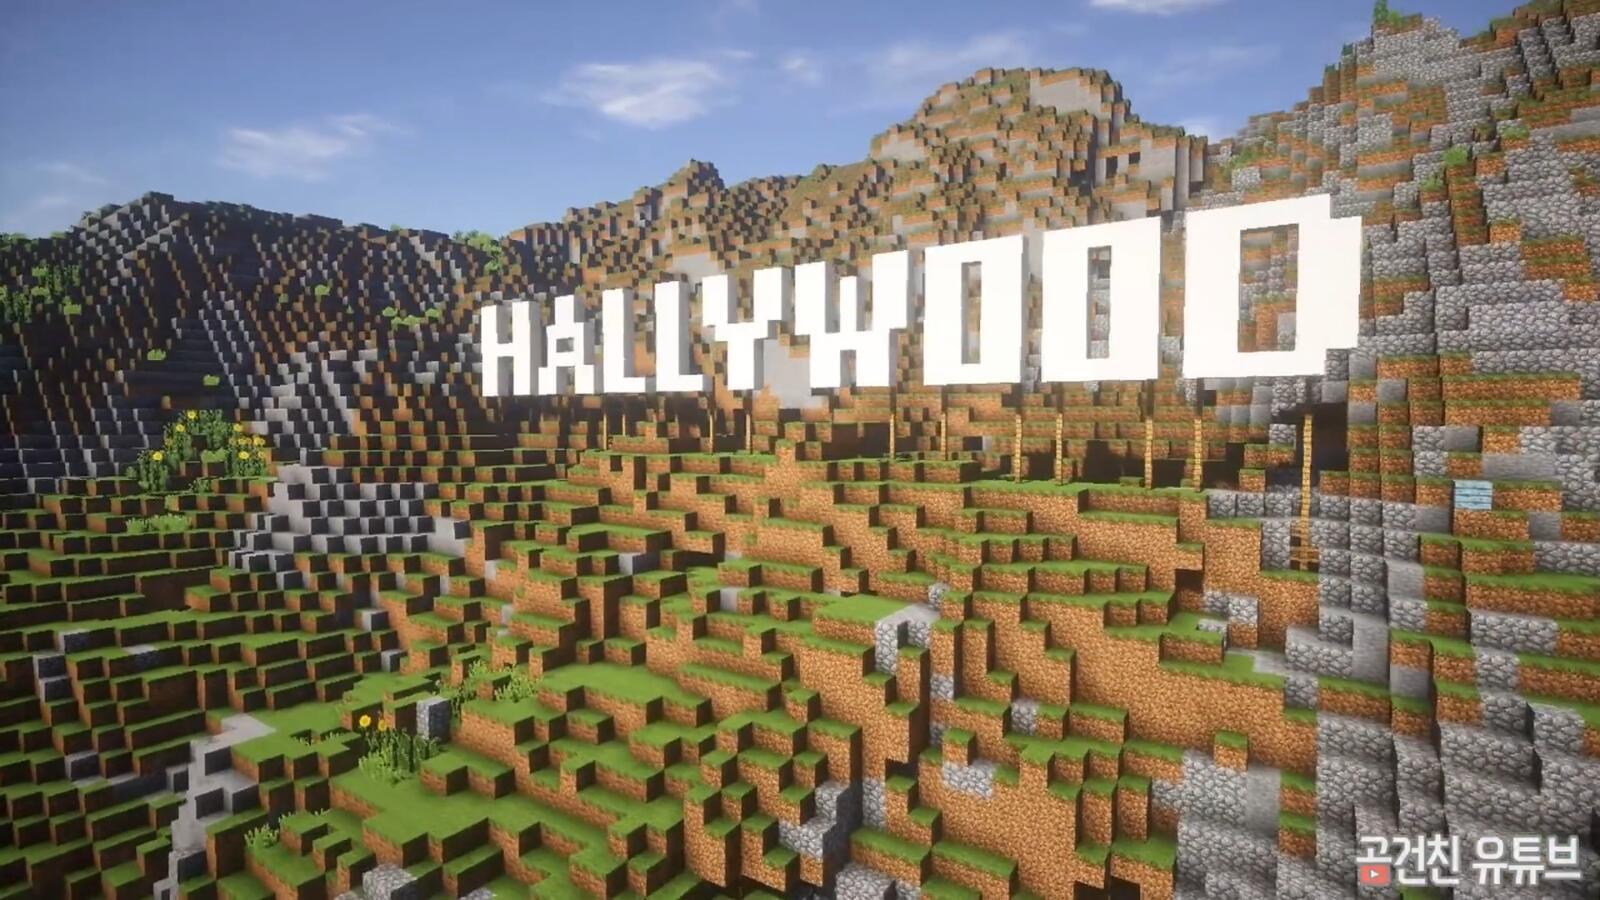 《我的世界》中还原《守望先锋》好莱坞地图